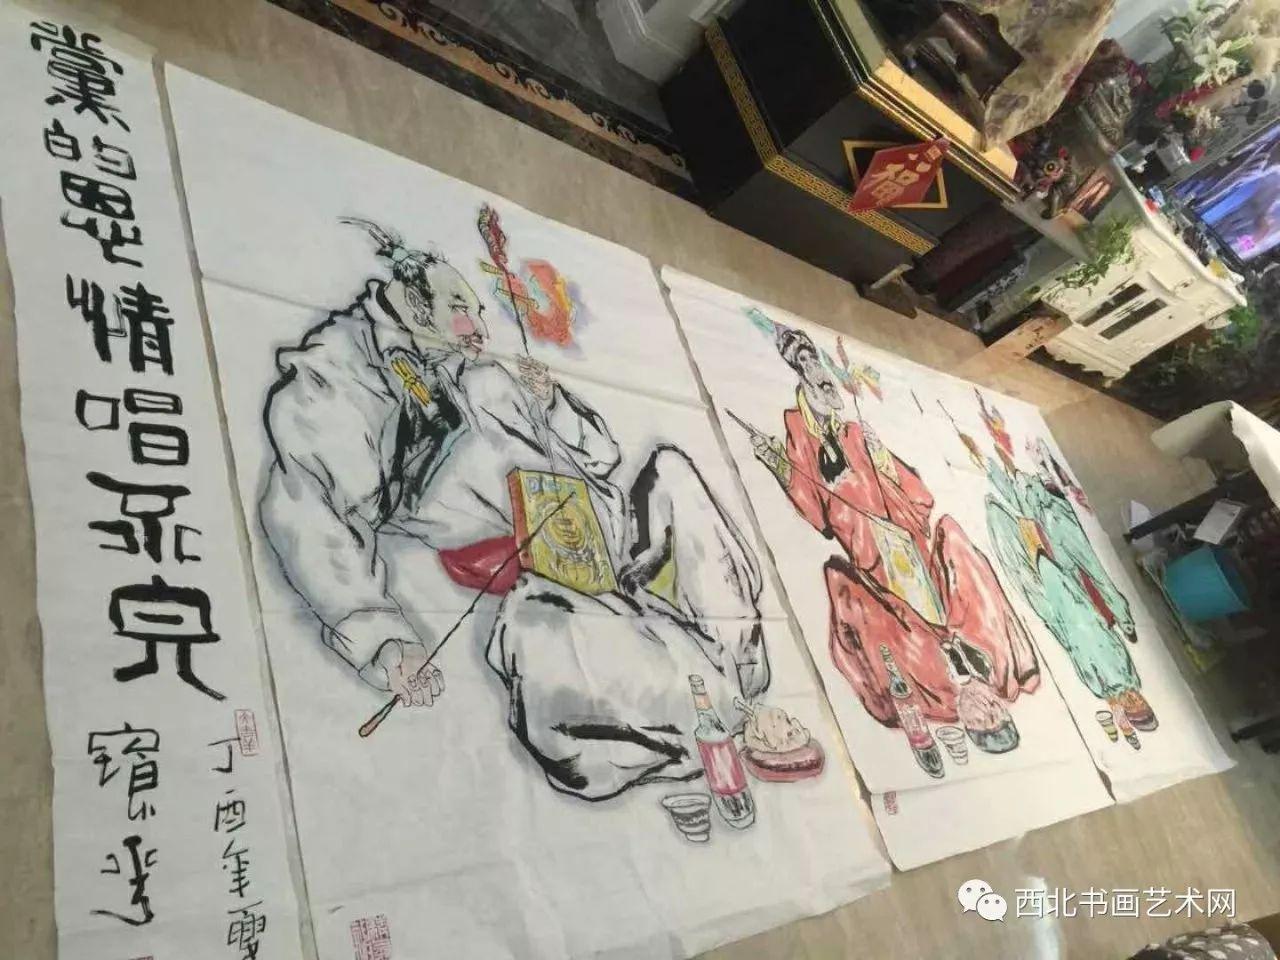 西北书画艺术网向您推荐:著名画家刘宝平 第2张